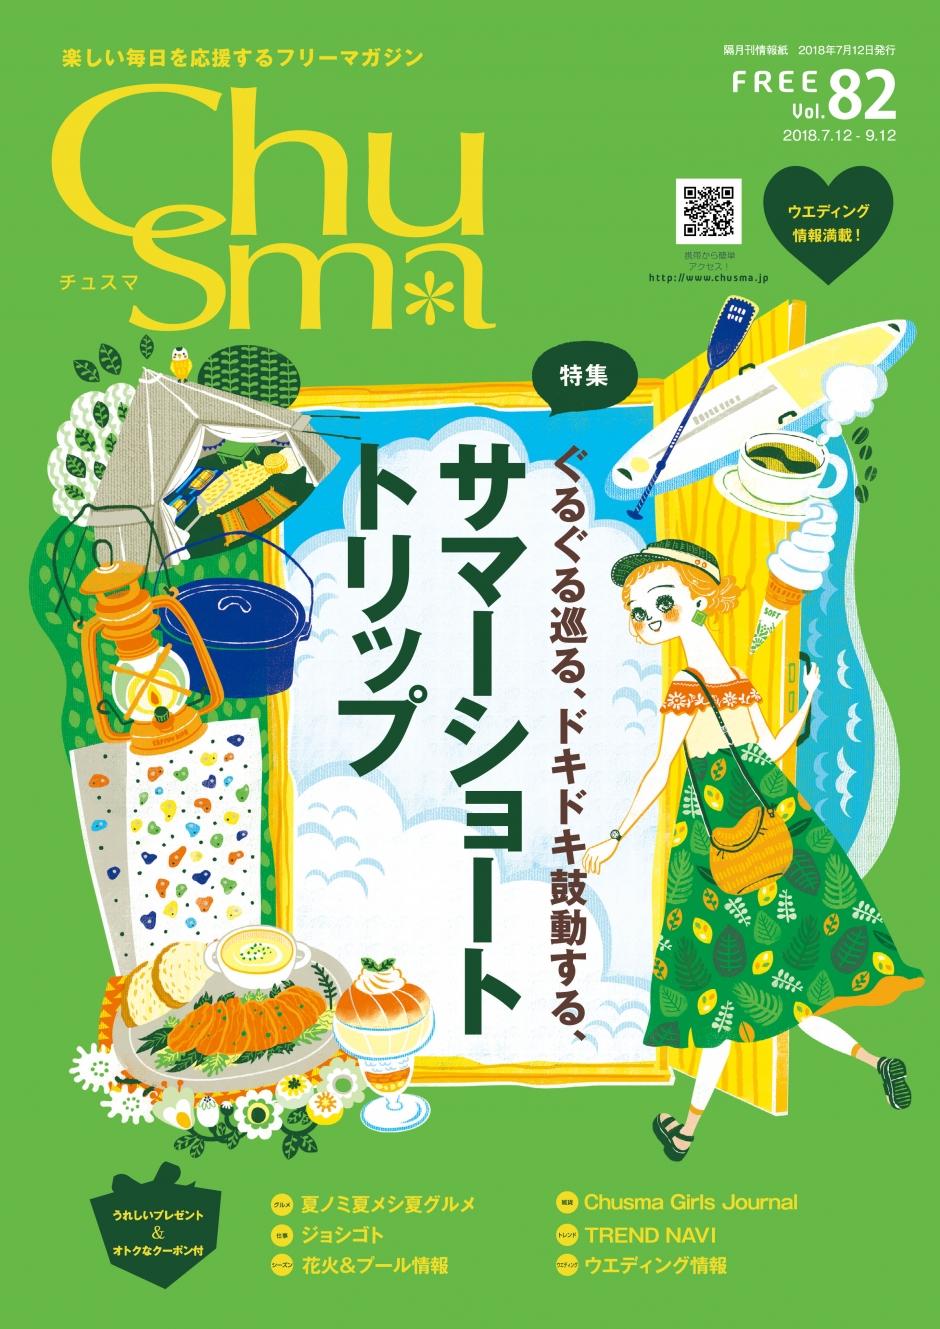 Chusma(チュスマ)Vol.82に掲載されました!